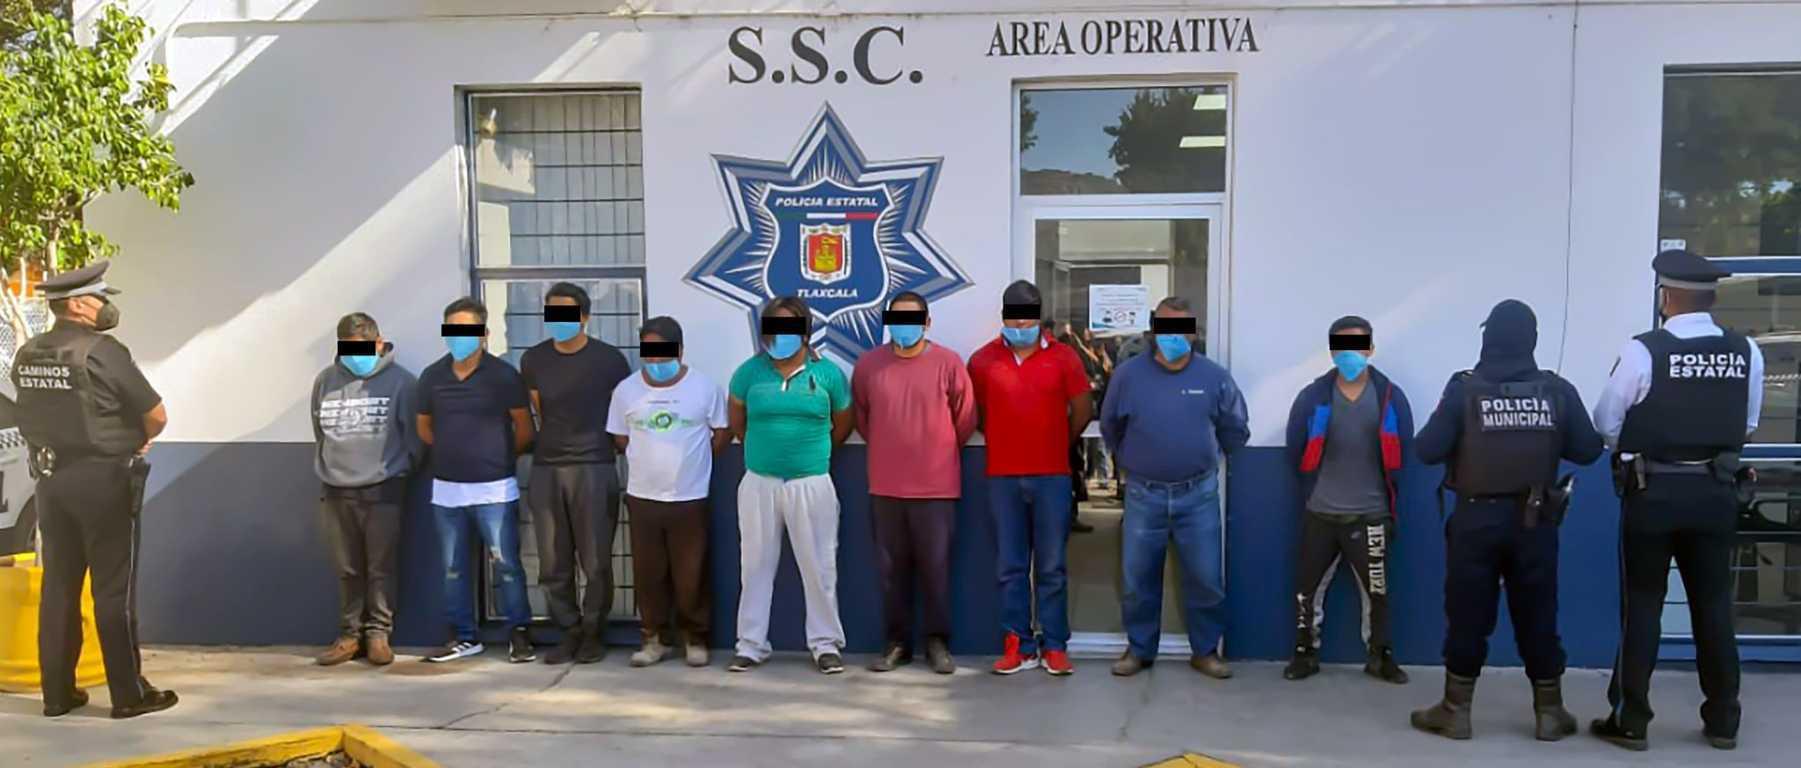 Policía de tlaltelulco y SSC detienen a nueve personas y recuperan un tractocamión